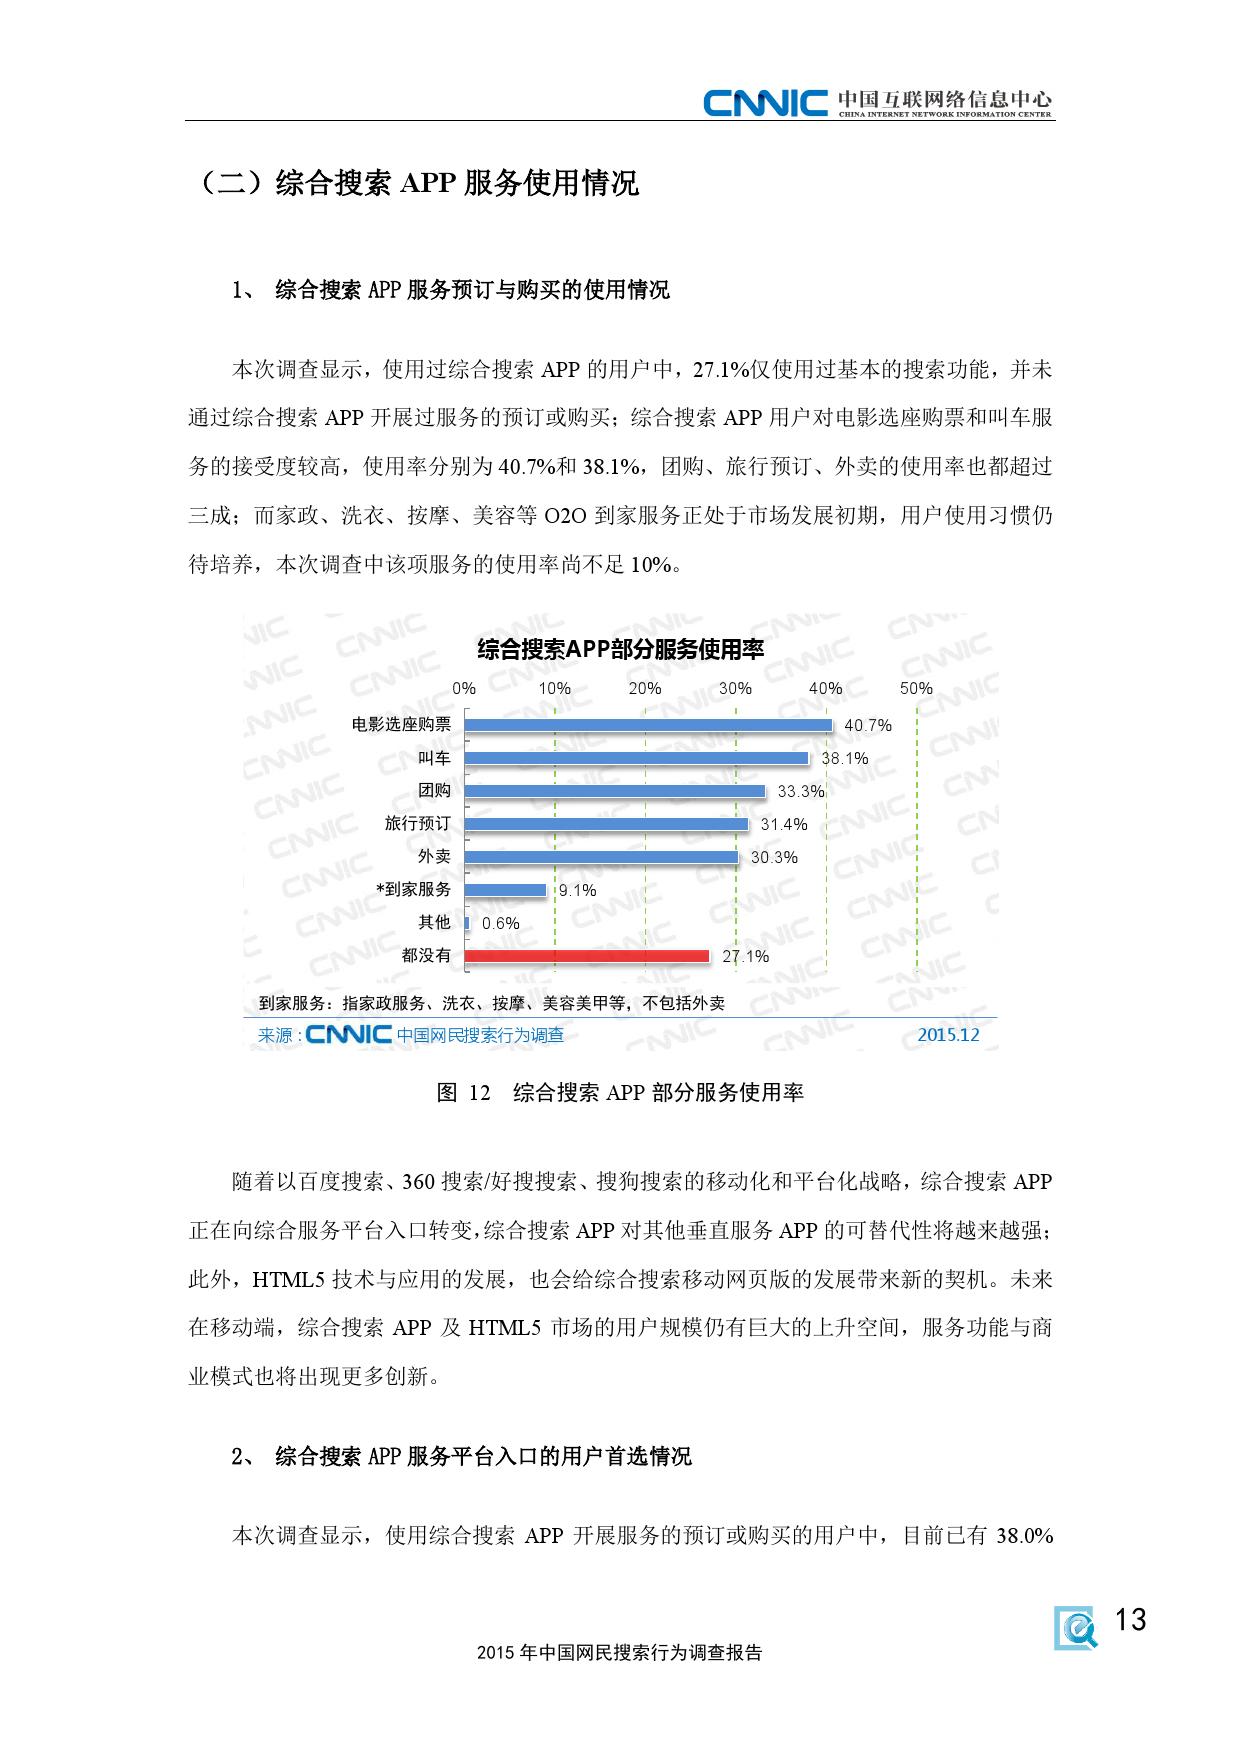 CNNIC:2015年中国网民搜索行为调查_000021